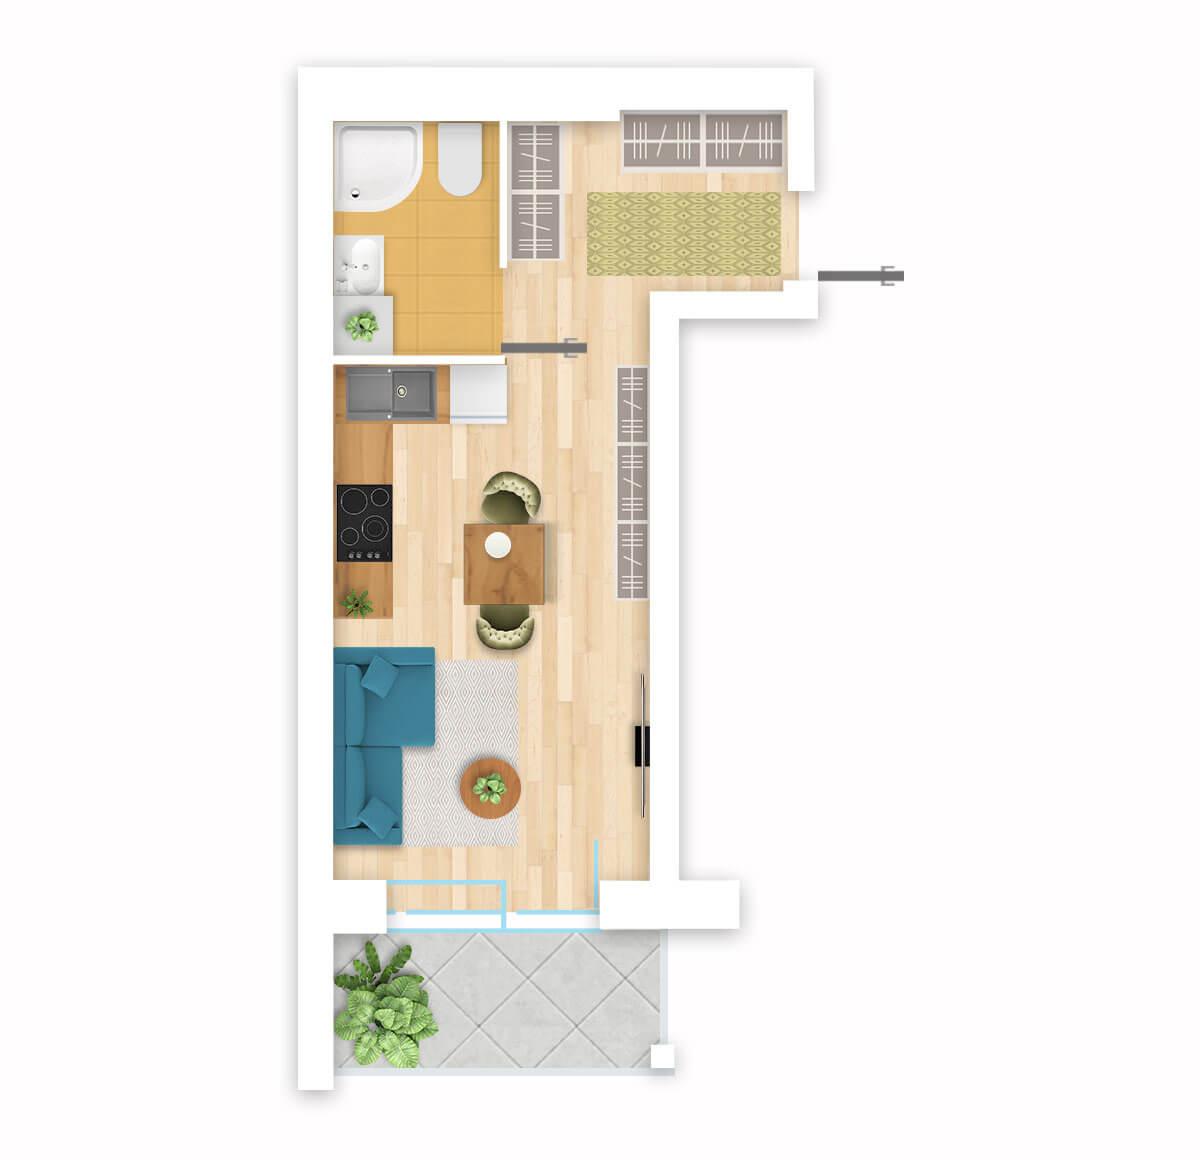 parduodamas butas Lazdynėlių g. 16C - 44 Vilniuje, buto 3D vaizdas